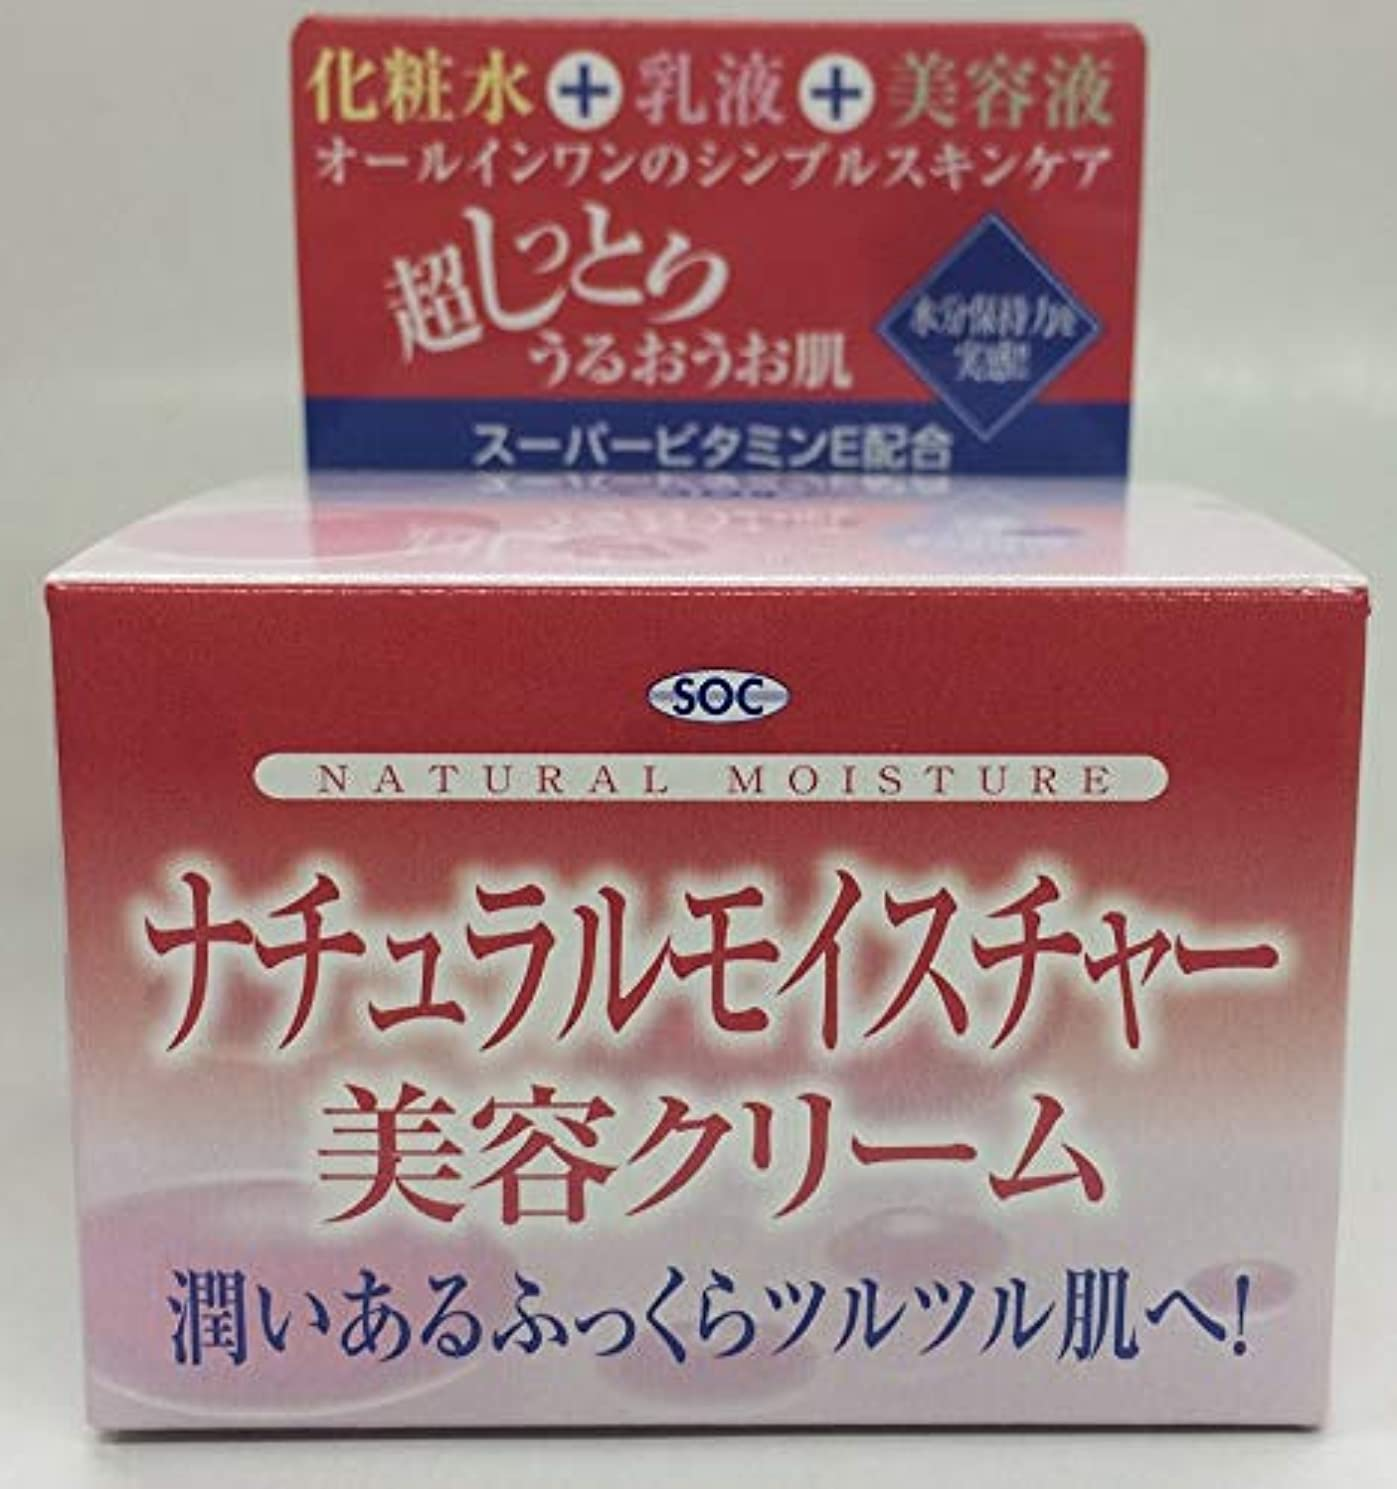 冷蔵する広がり助言するSOC アクアモイスチャー美容ジェル 100g